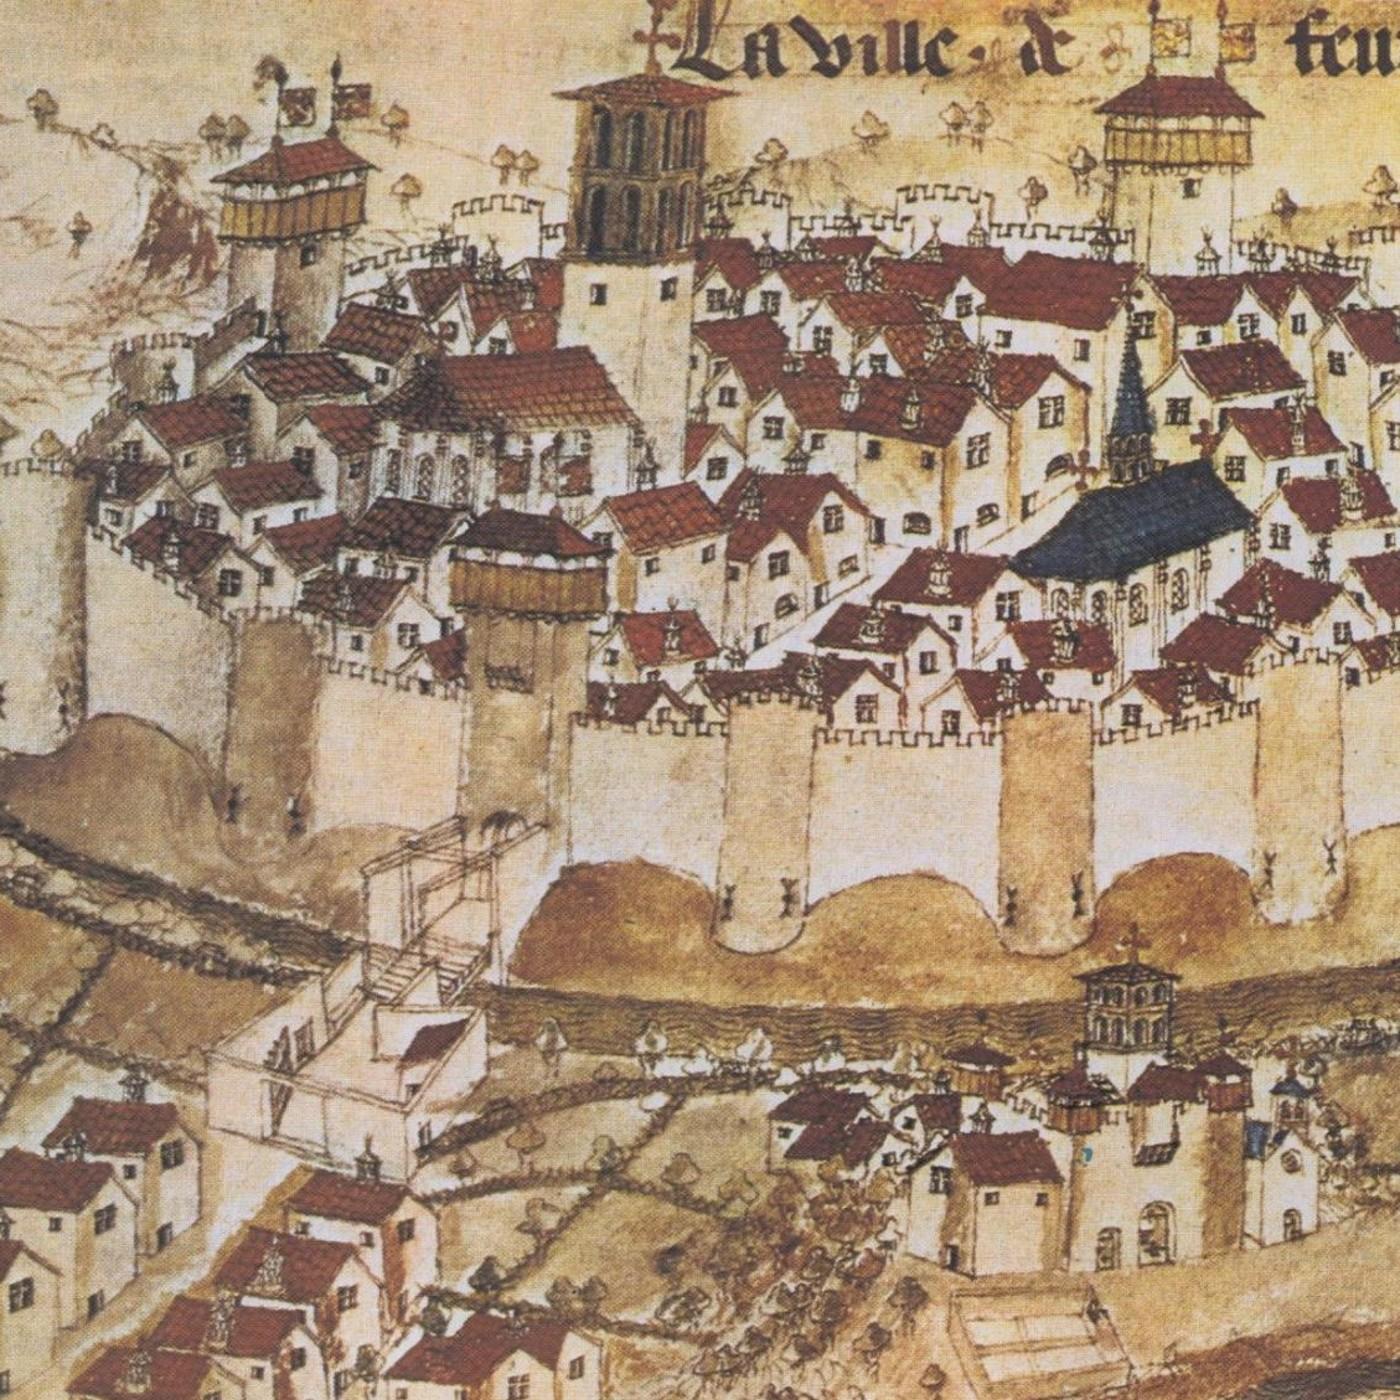 El Renacimiento Urbano en el siglo XI